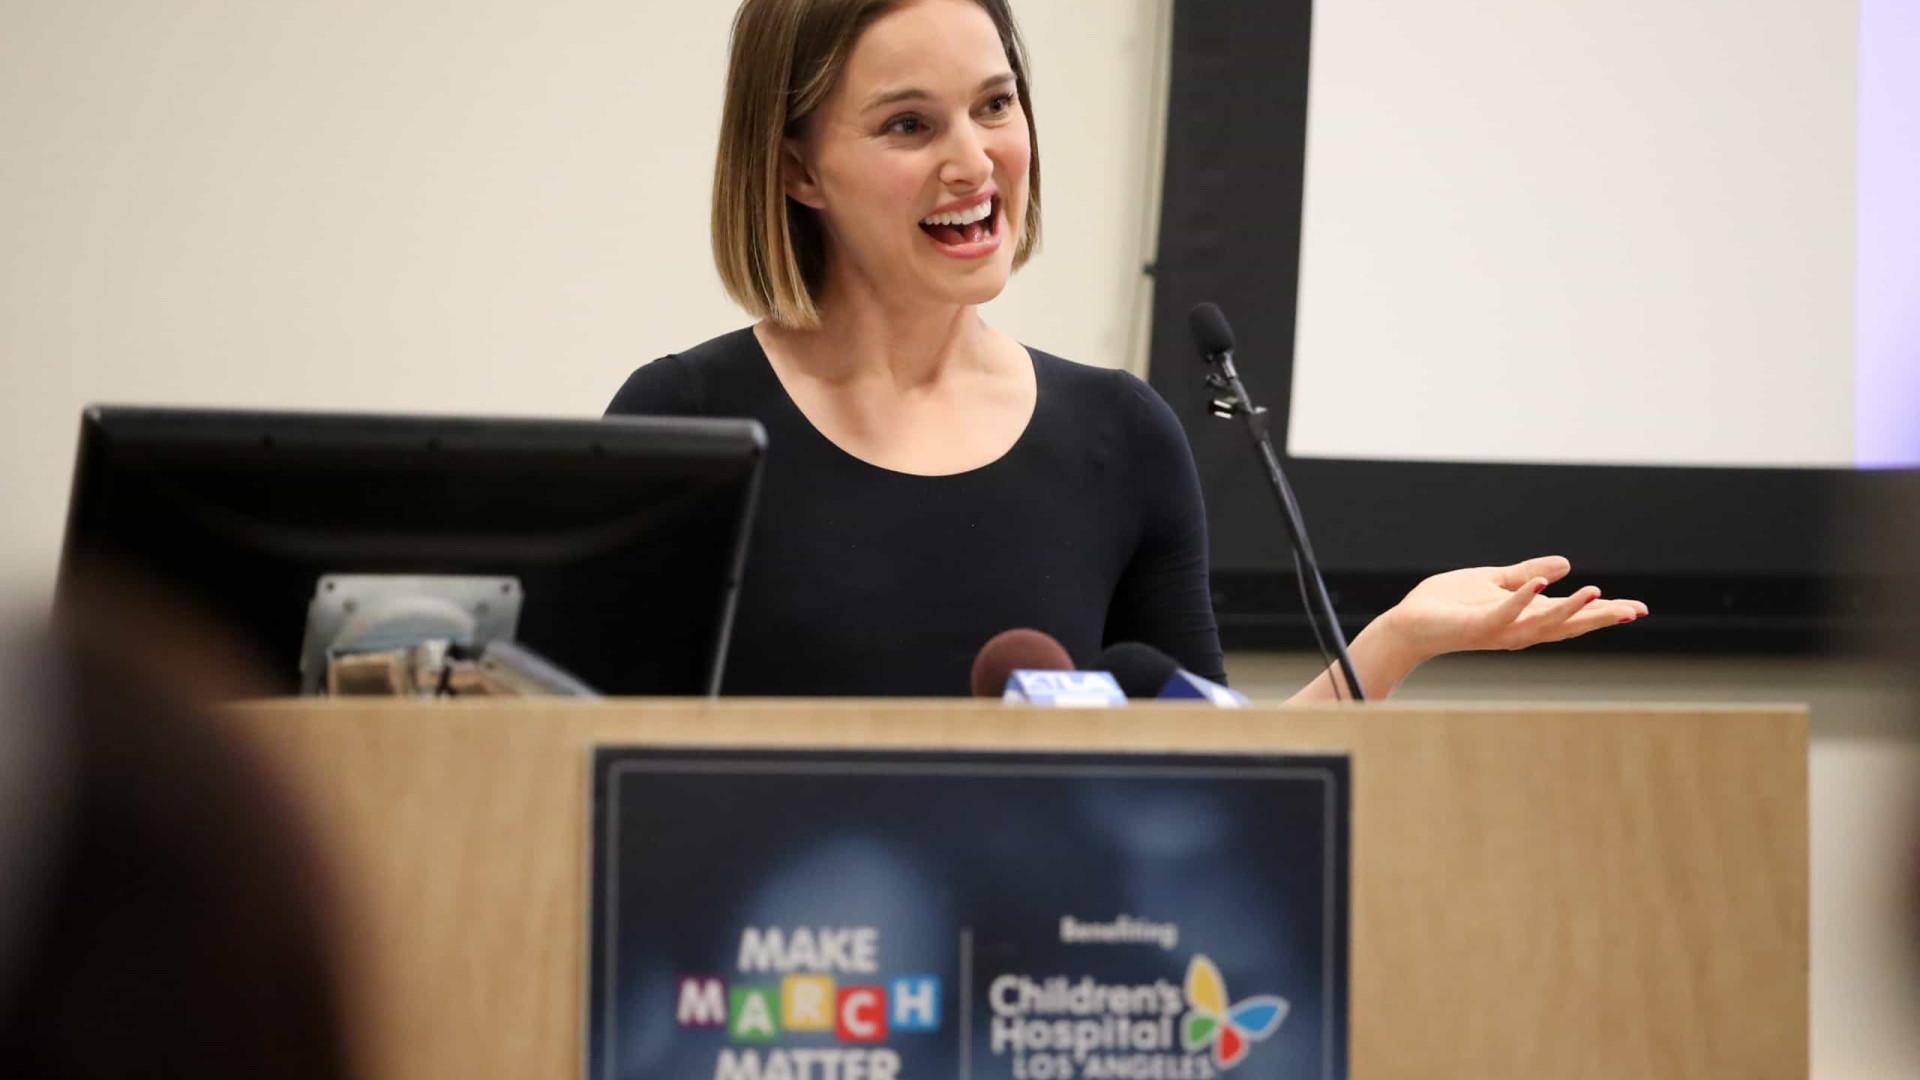 Natalie Portman lança livros infantis de fábulas com inclusão de género